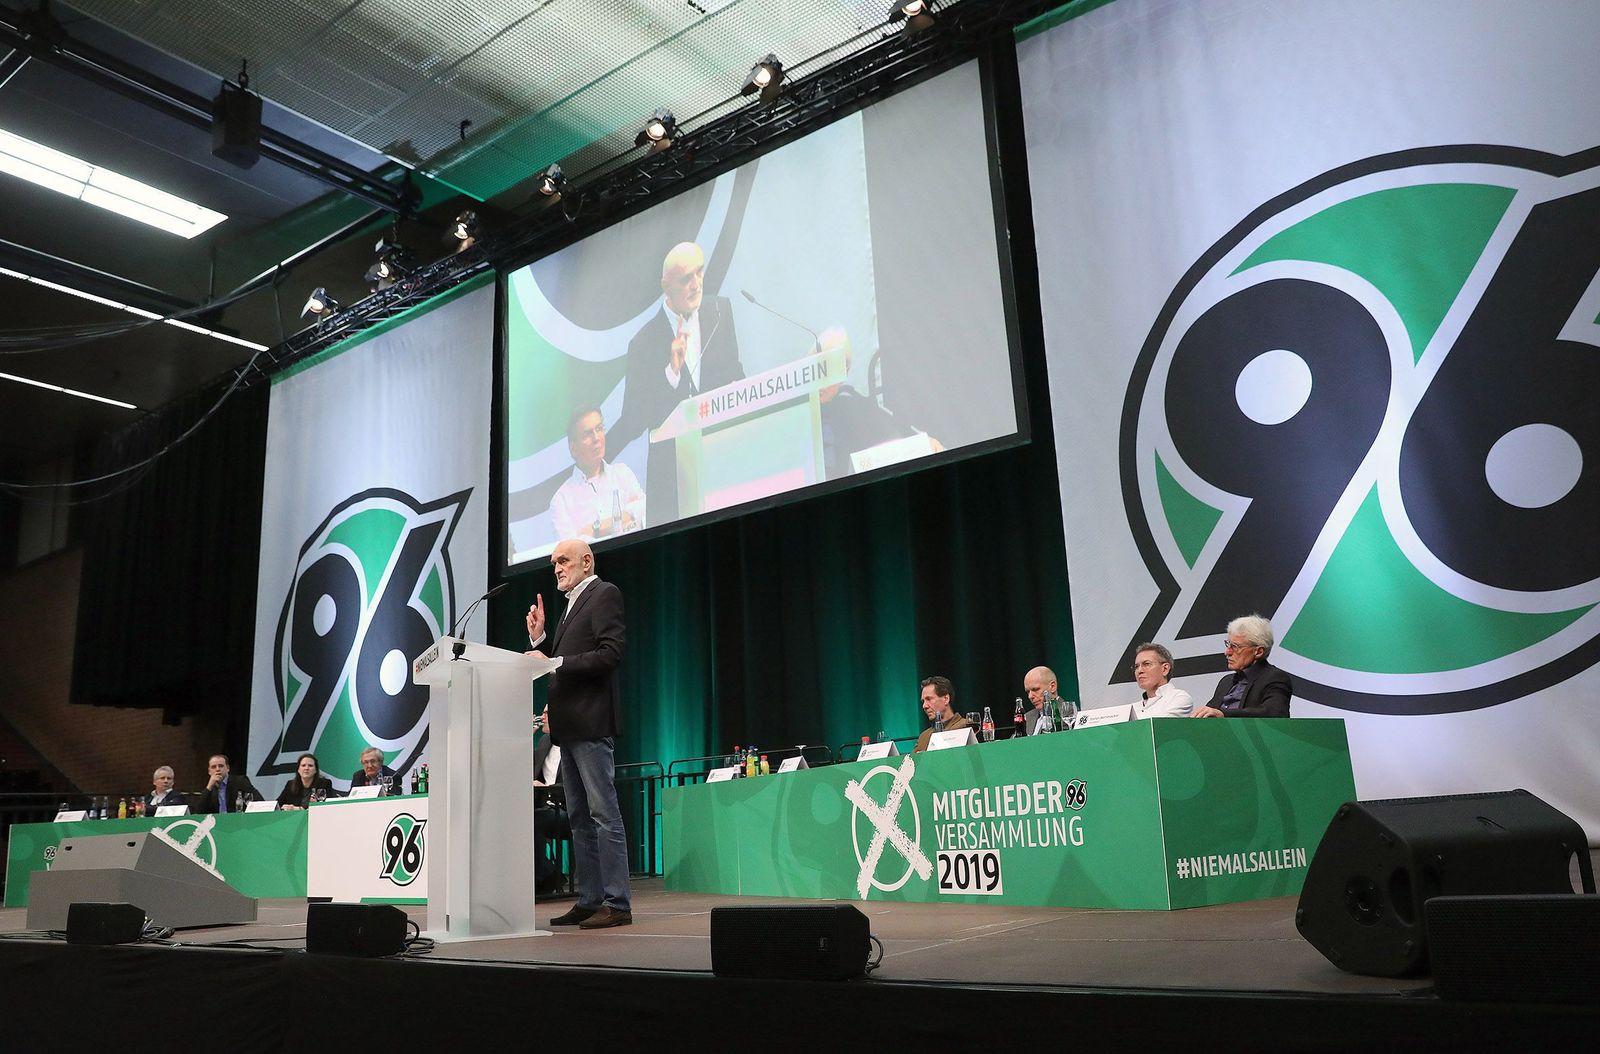 Hannover 96 - Mitgliederversammlung